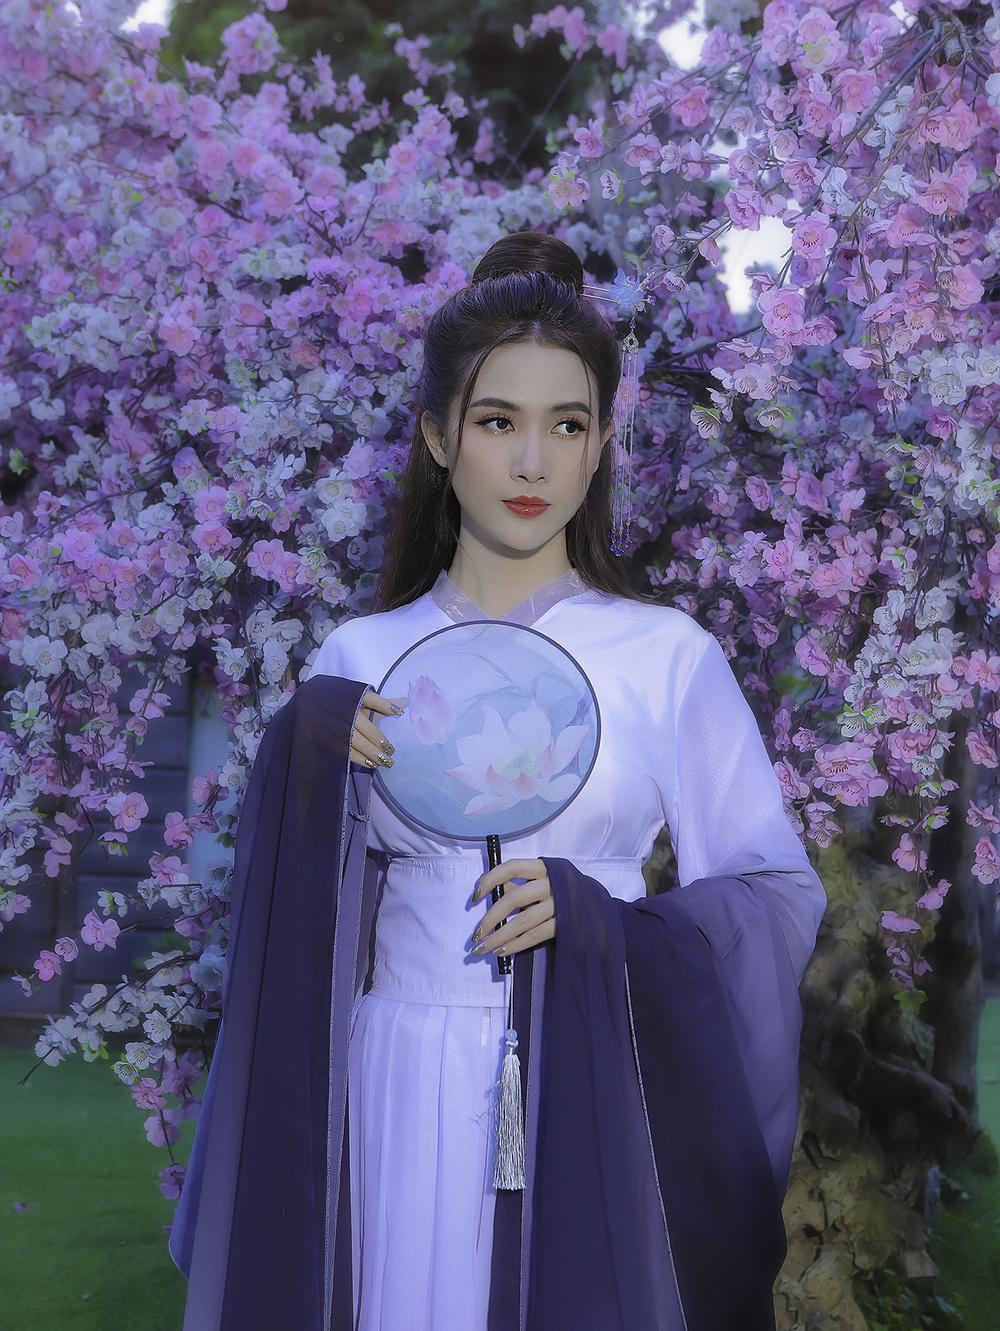 Phan Thị Mơ hóa tiên nữ, hững hờ thềm ngực quyến rũ mê hồn Ảnh 16